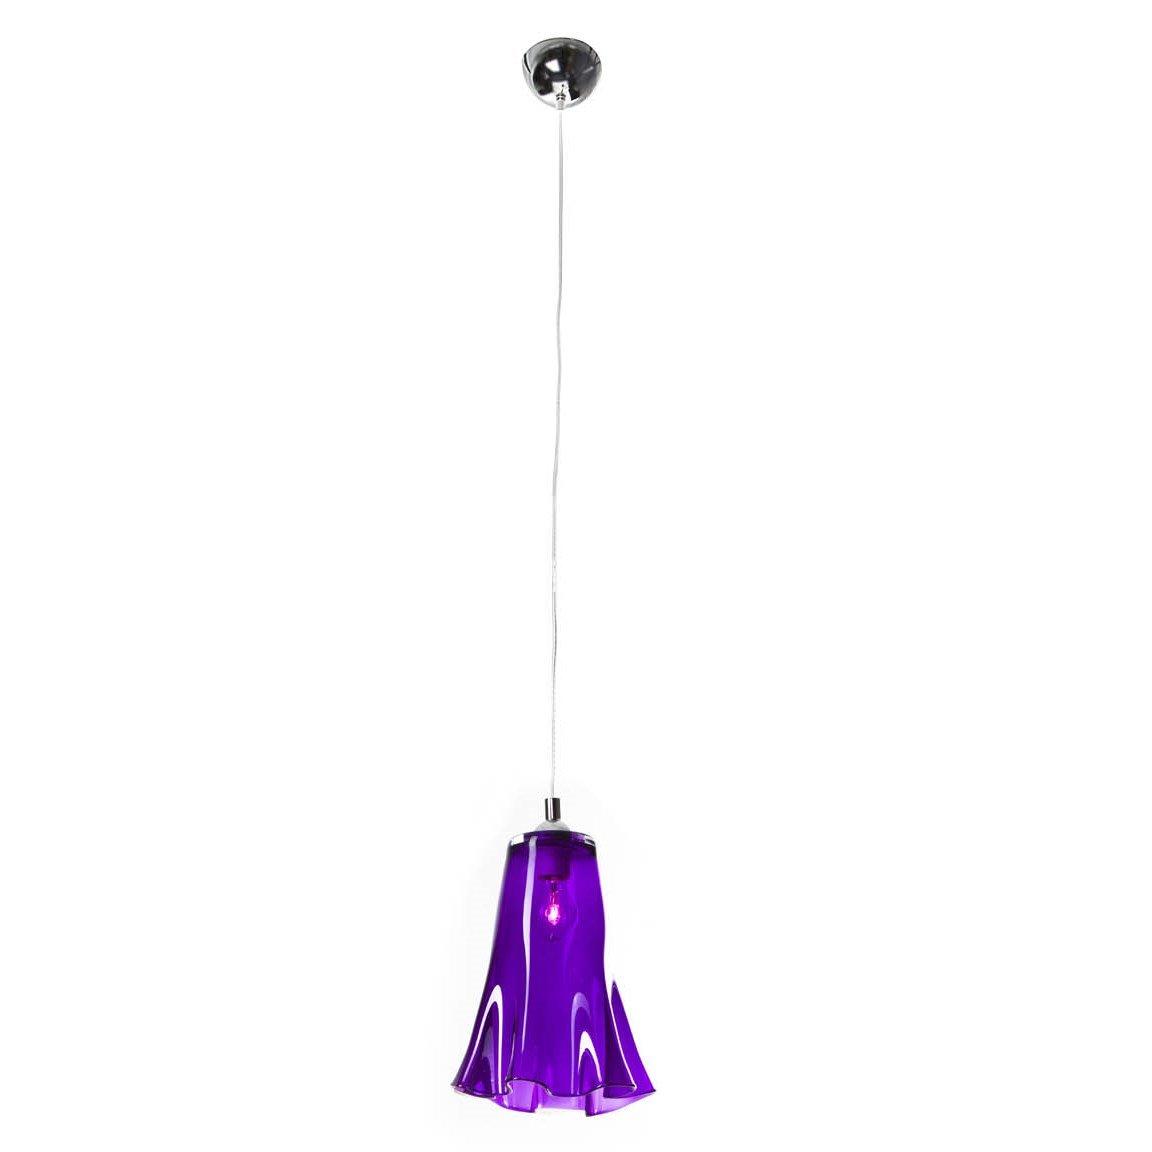 SIGNATURE HOME COLLECTION Deckenhängelampe mit gewelltem Glasschirm, Hängeleuchte, 21 x 21 x 30 cm, Gesamthöhe maximal 120 cm, Glas violett durchscheinend CO-121-ME